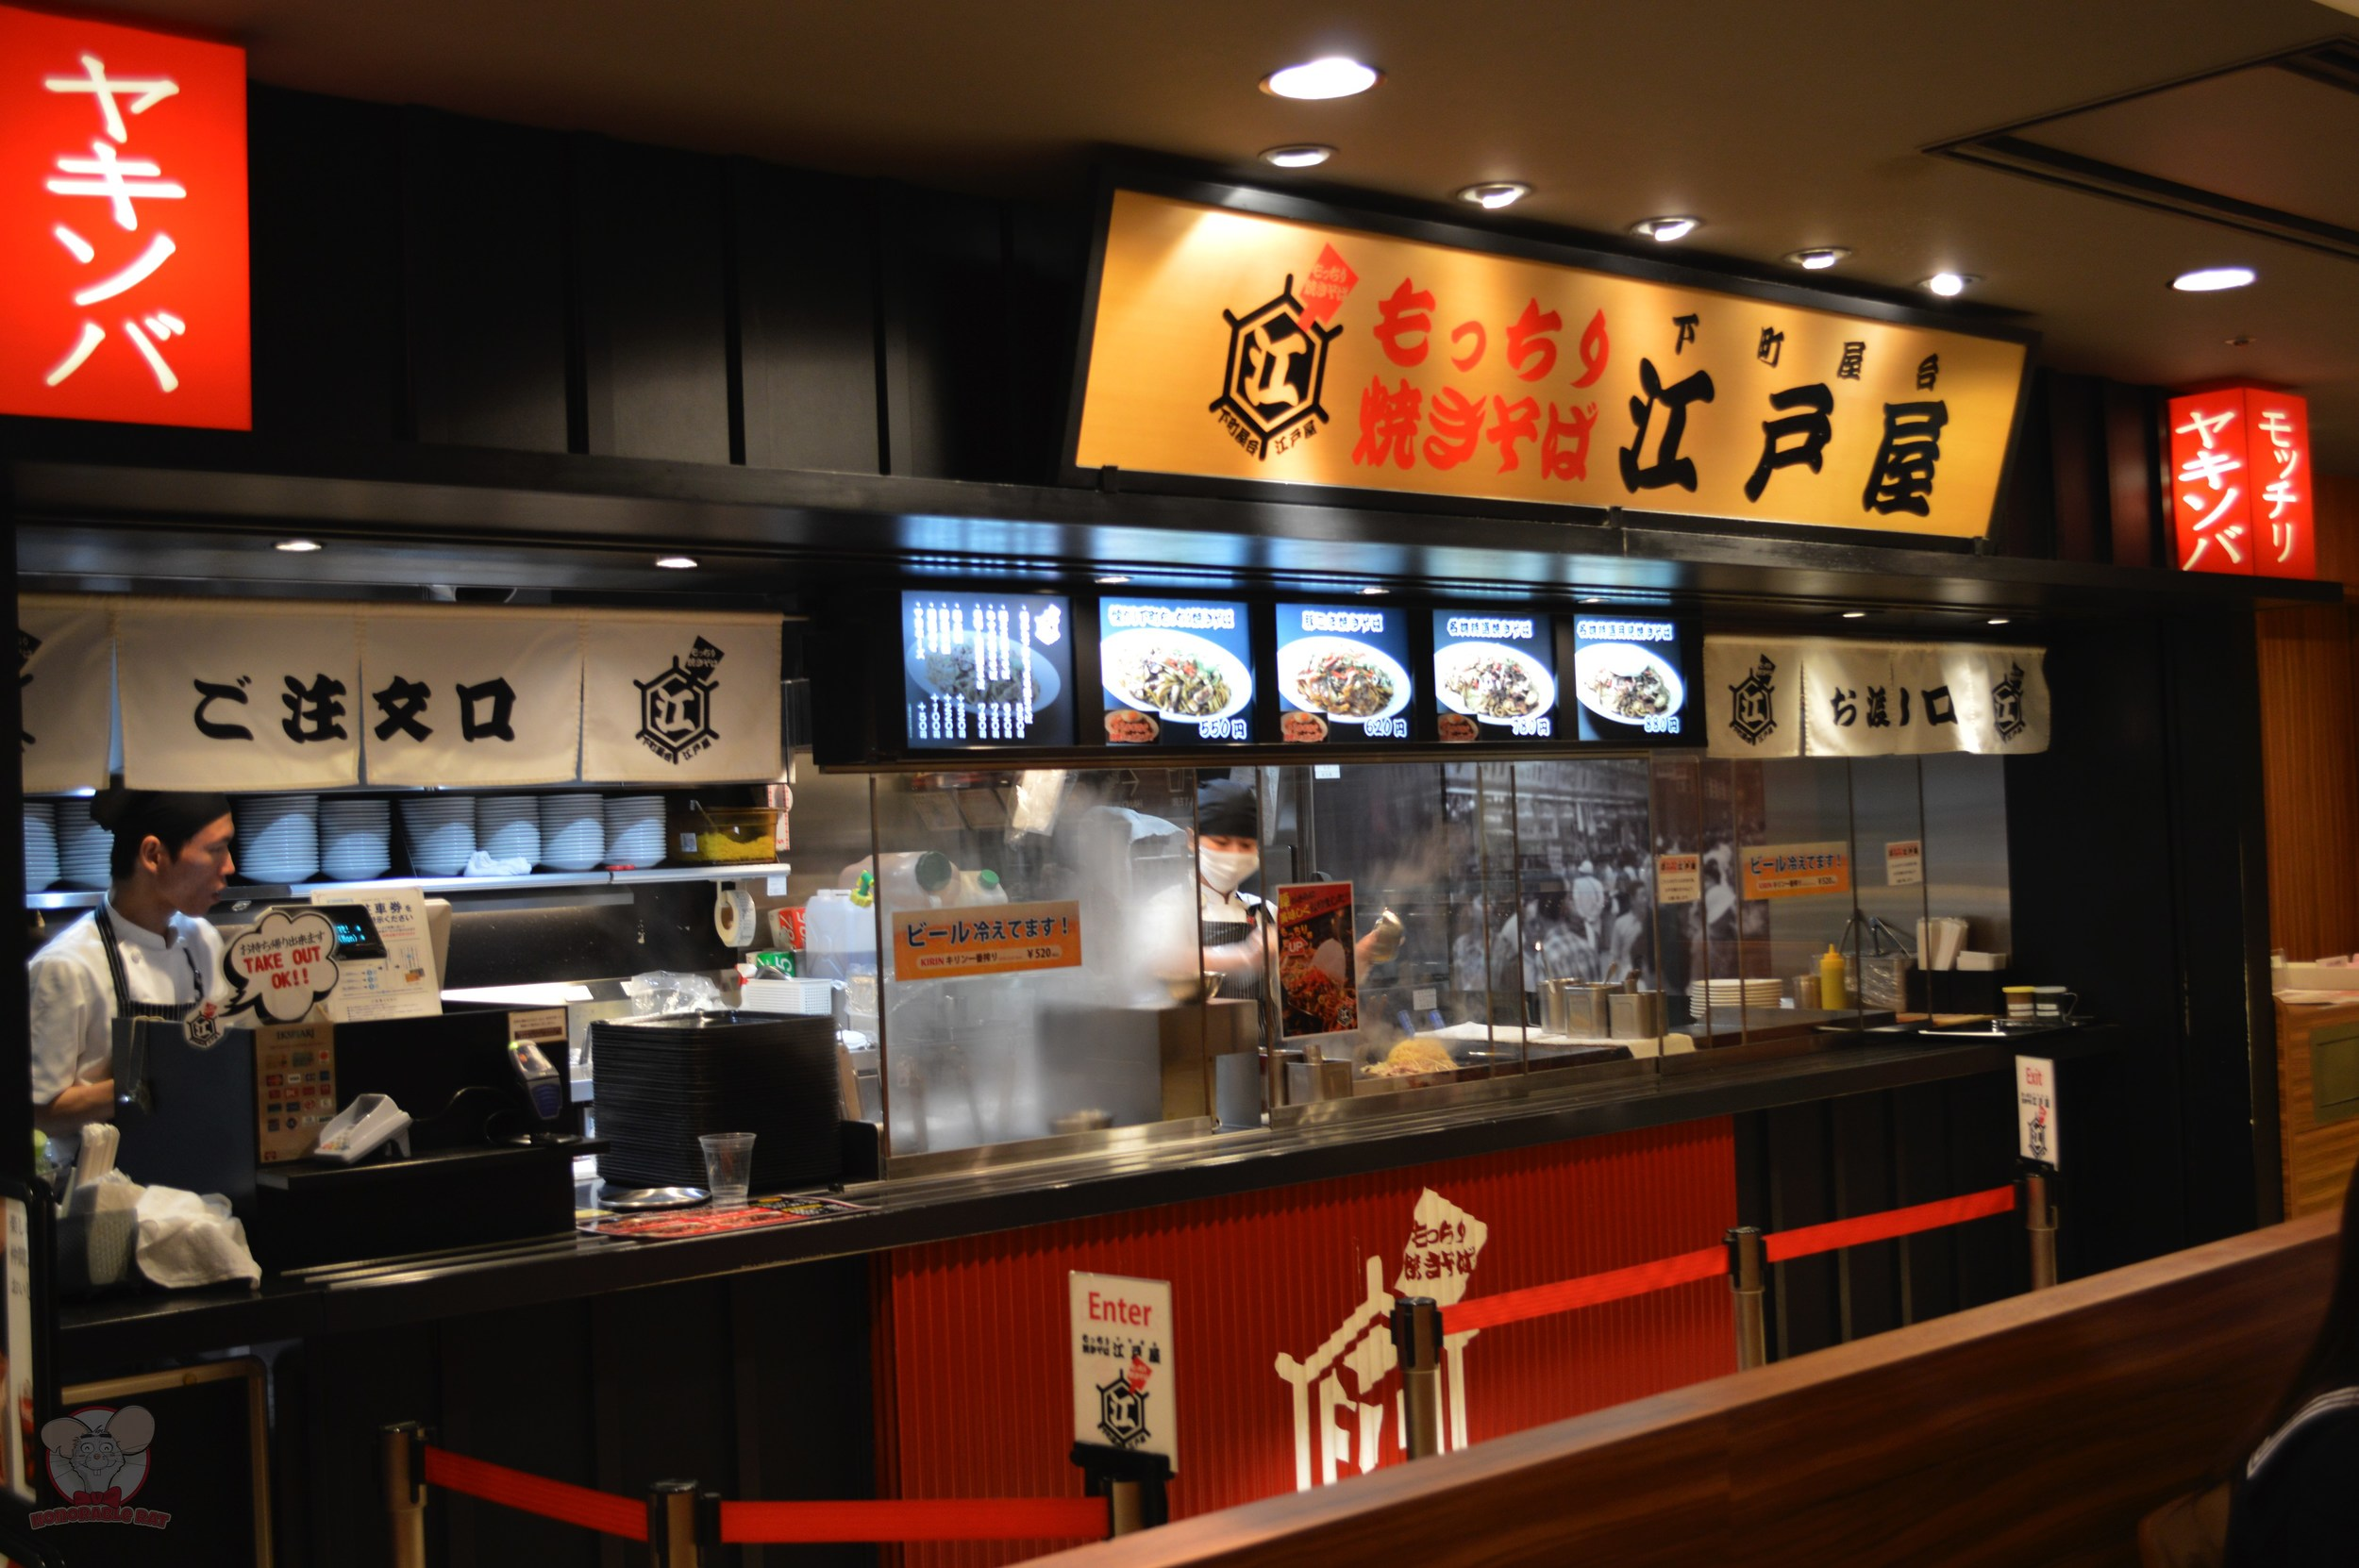 Yakisoba (Japanese: Fried Noodles)